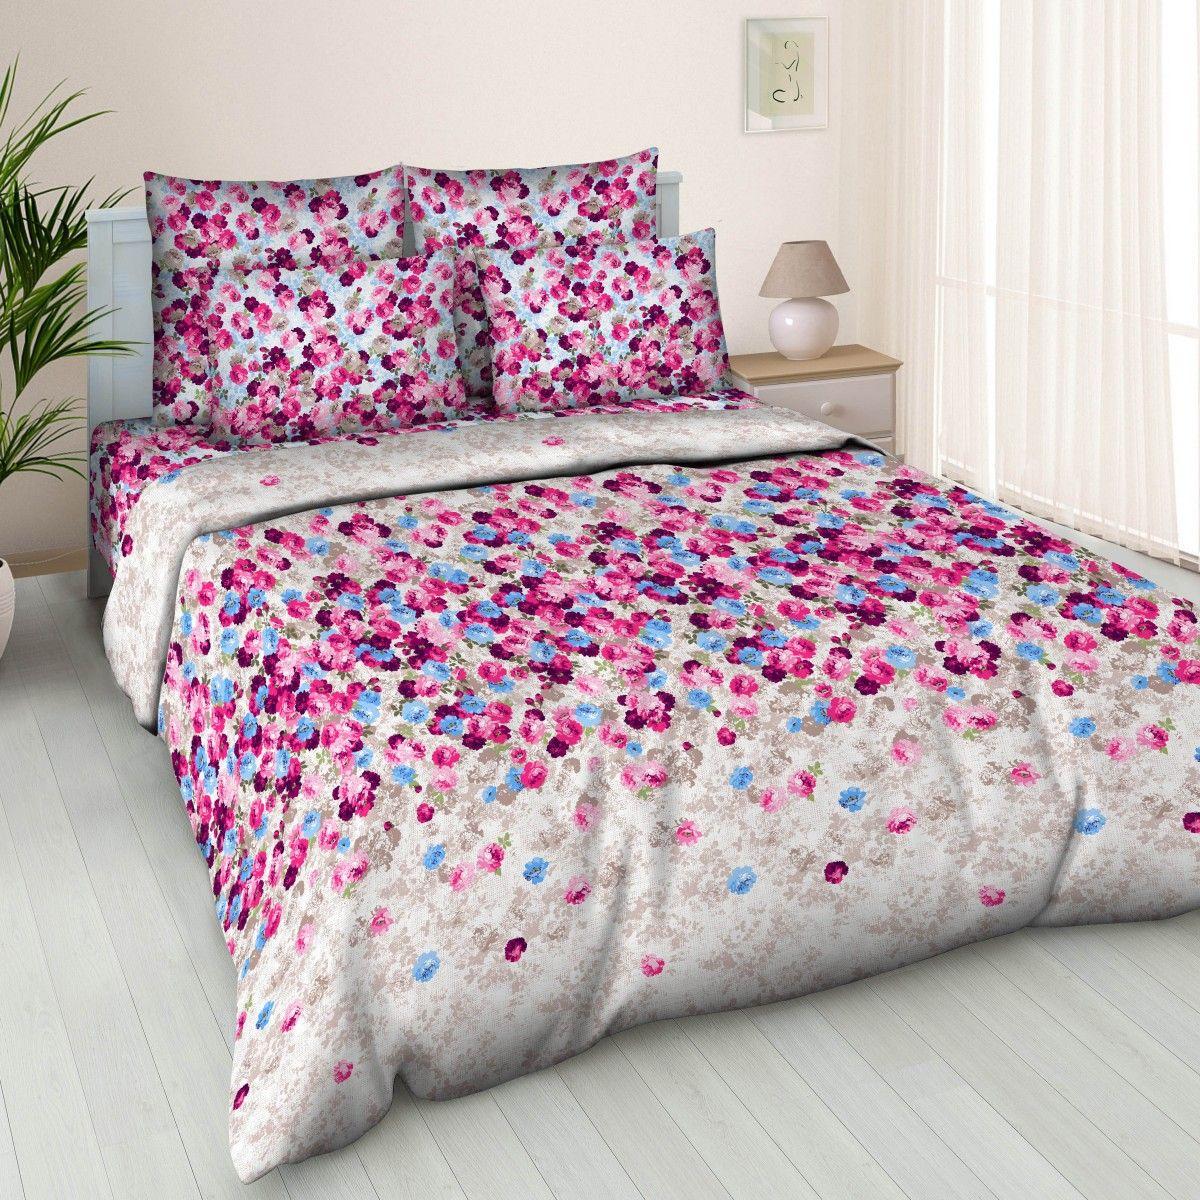 Комплект белья Letto Традиция, 2-спальный, наволочки 70x70, цвет: сиреневый